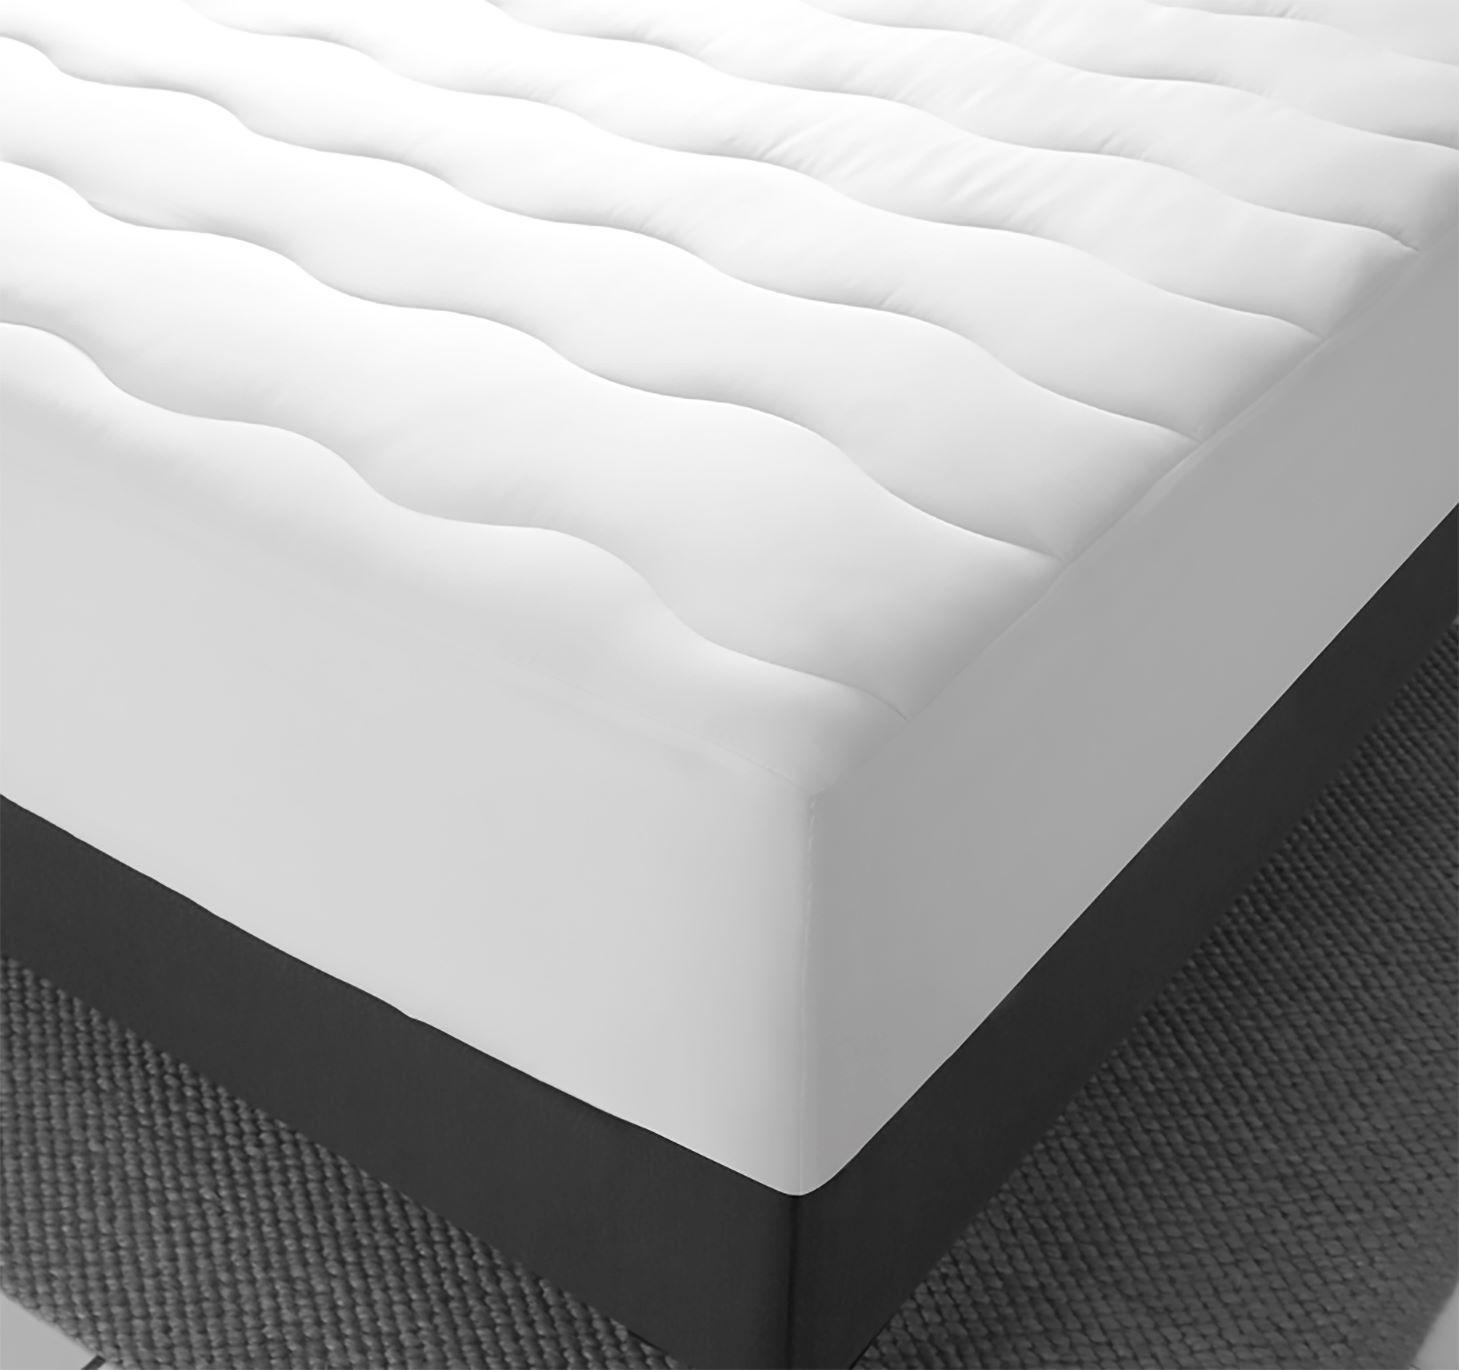 Therapedic® SleepRX™ Mattress Pad